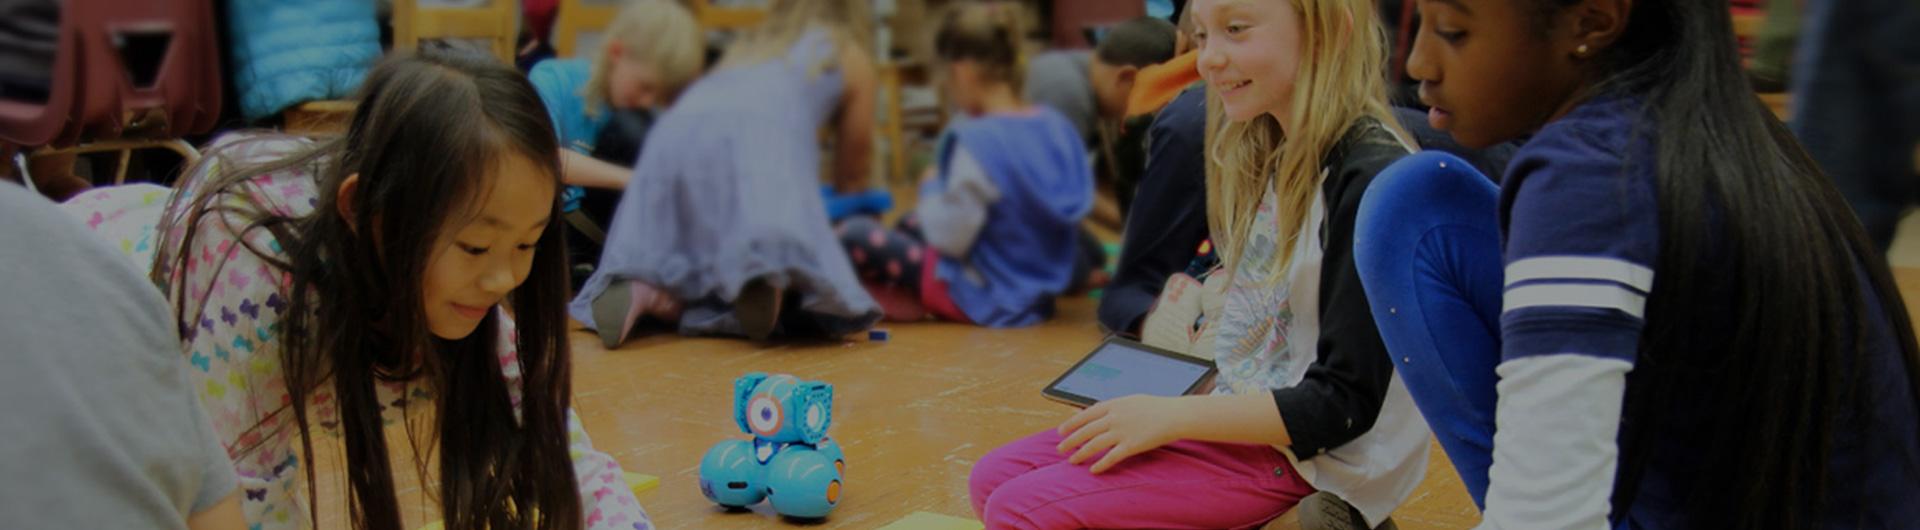 Zajęcia edukacyjne dla grup szkolnych